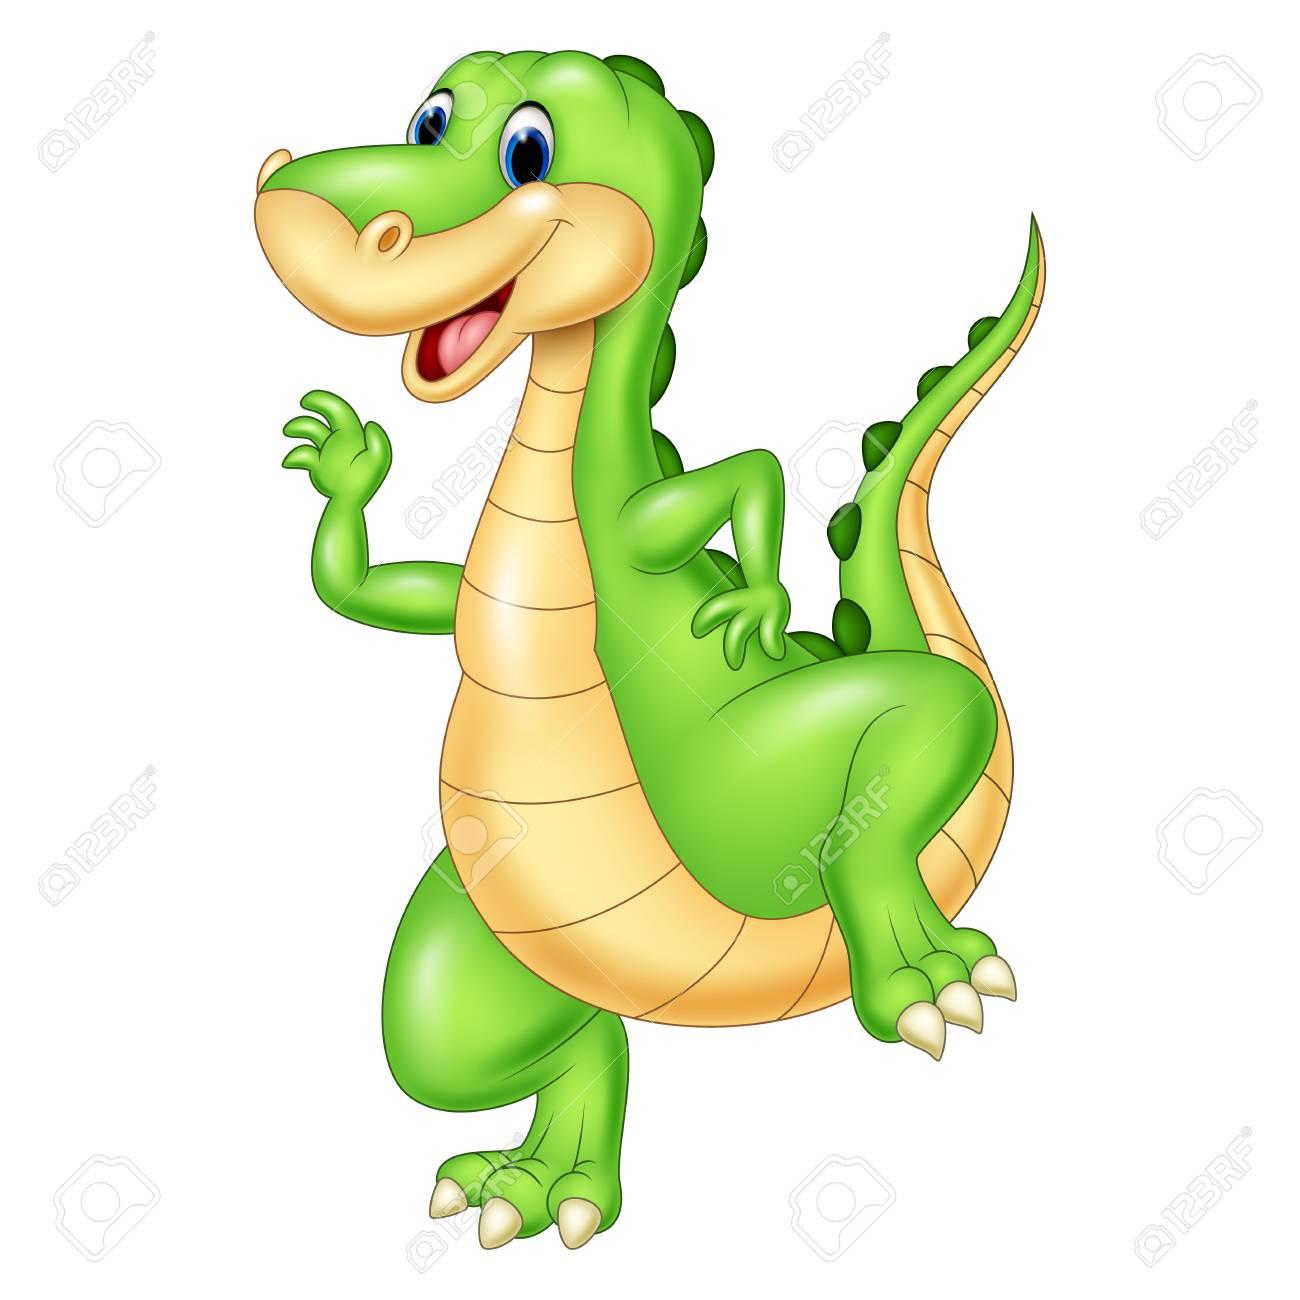 Ilustracion De Dibujos Animados Dinosaurio Verde Ilustraciones Vectoriales Clip Art Vectorizado Libre De Derechos Image 69010398 Conocer el nombre de personajes de dibujos animados es el primer paso, y luego ya vamos sabiendo cuales. ilustracion de dibujos animados dinosaurio verde